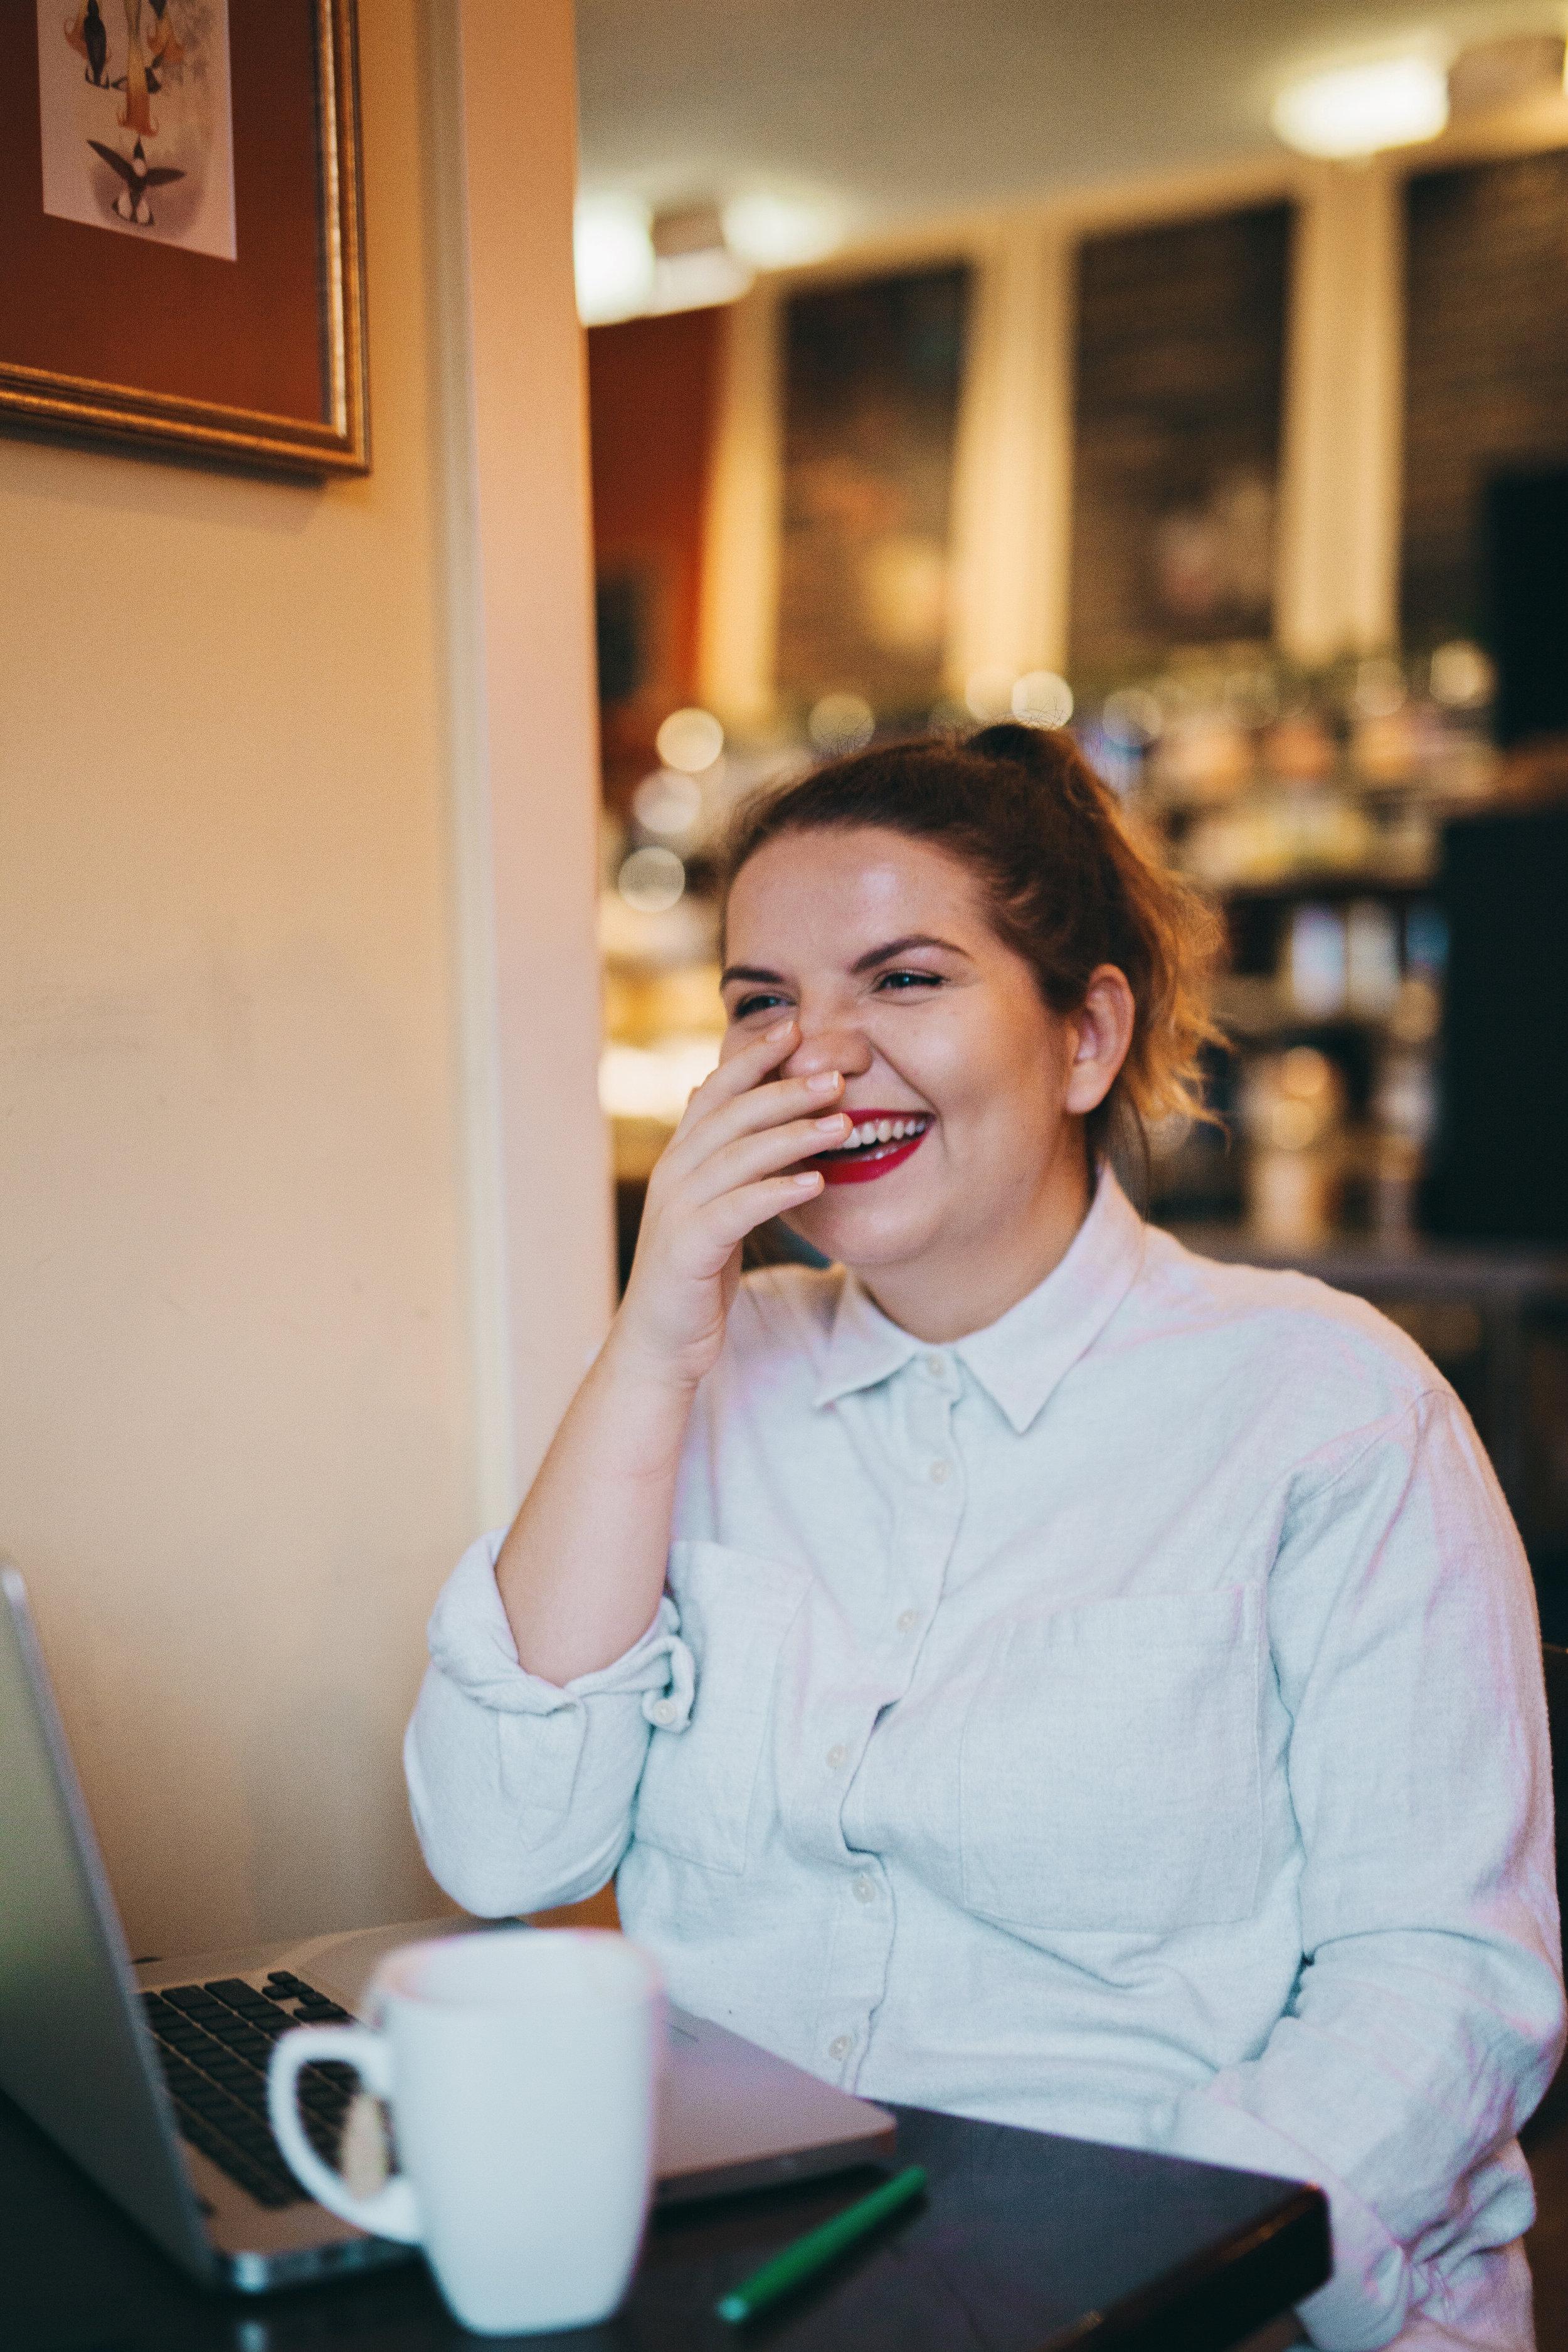 Kat-Wawrykow-Laughing-Portrait